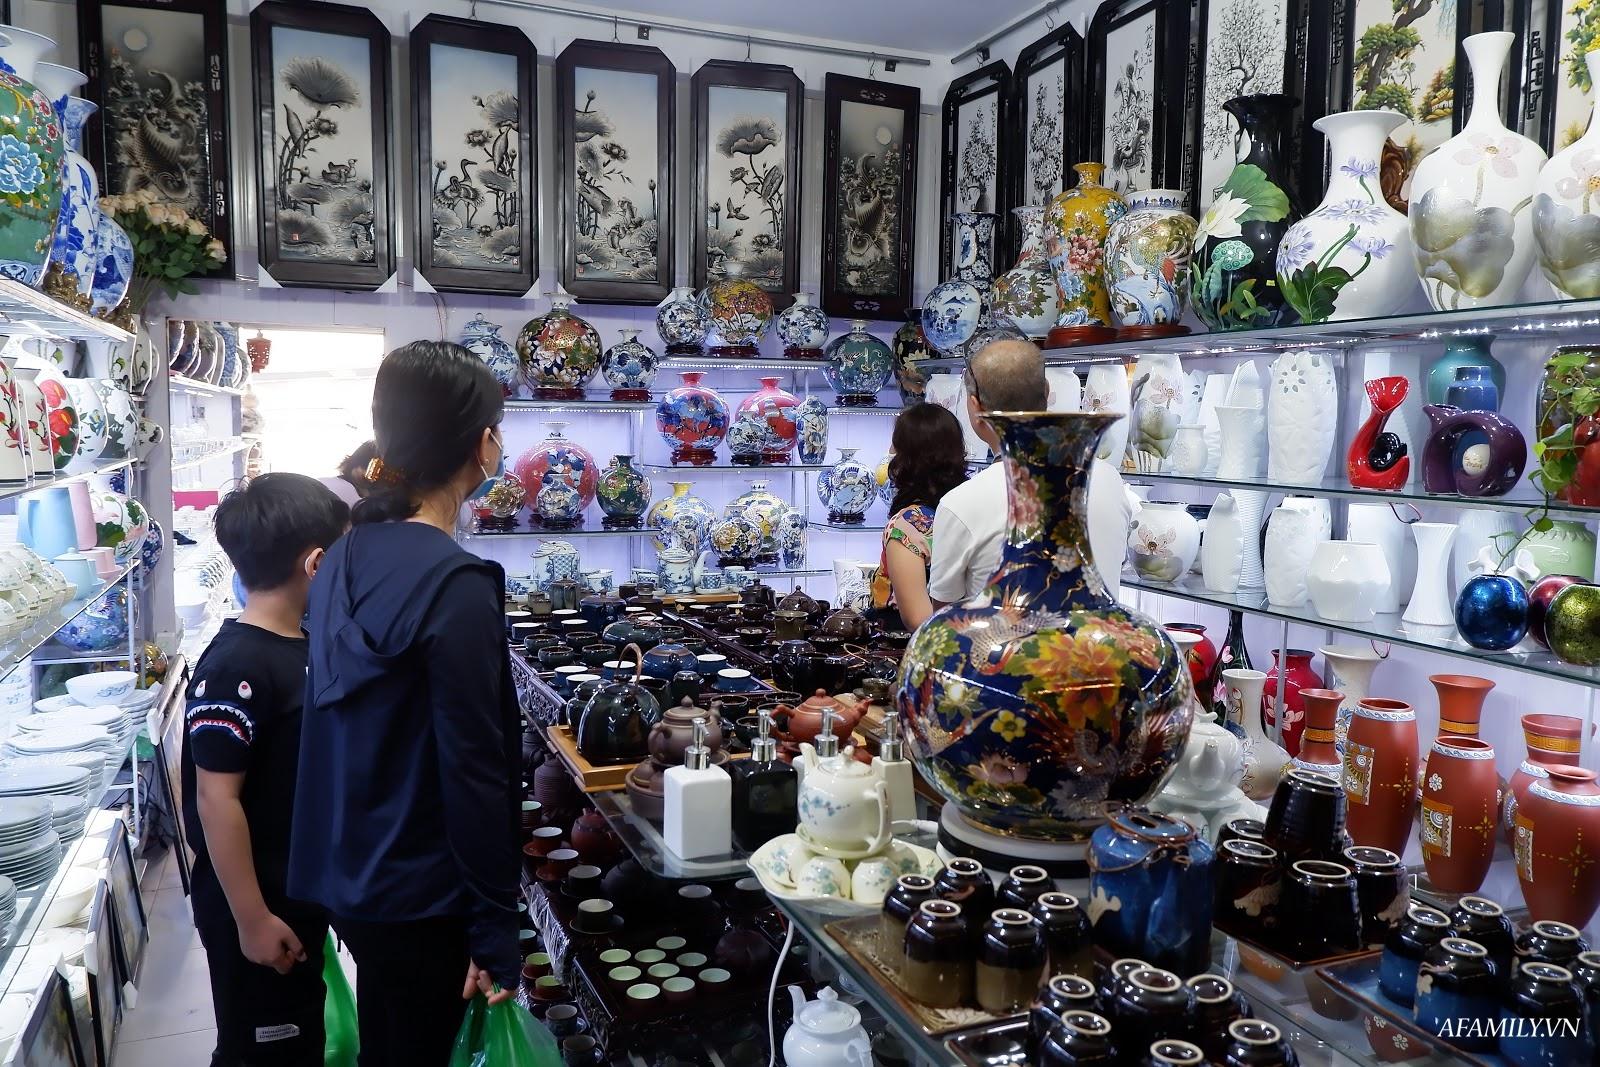 Kinh nghiệm chọn mua đồ gốm sứ Bát Tràng để mười mẫu thì an toàn và chất lượng cả mười - Ảnh 2.